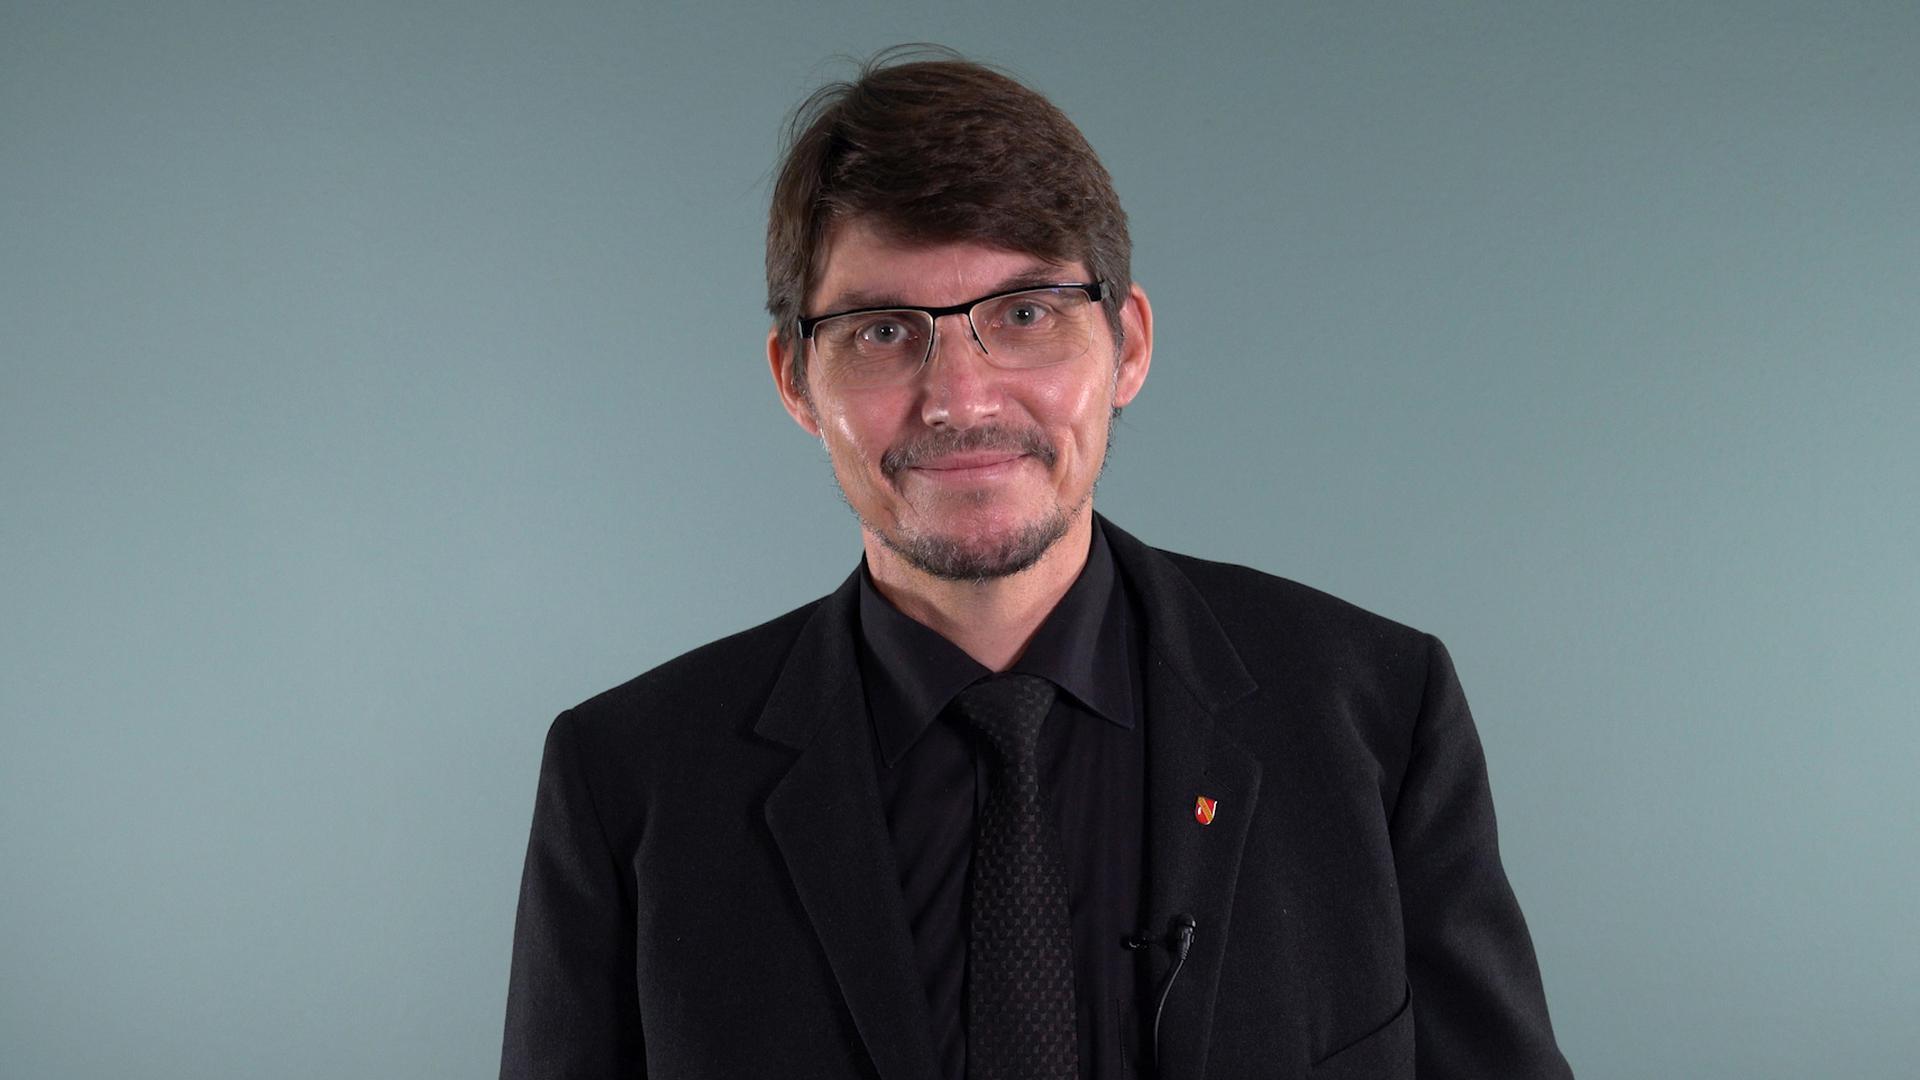 Paul Schmidt ist Kandidat der AfD.